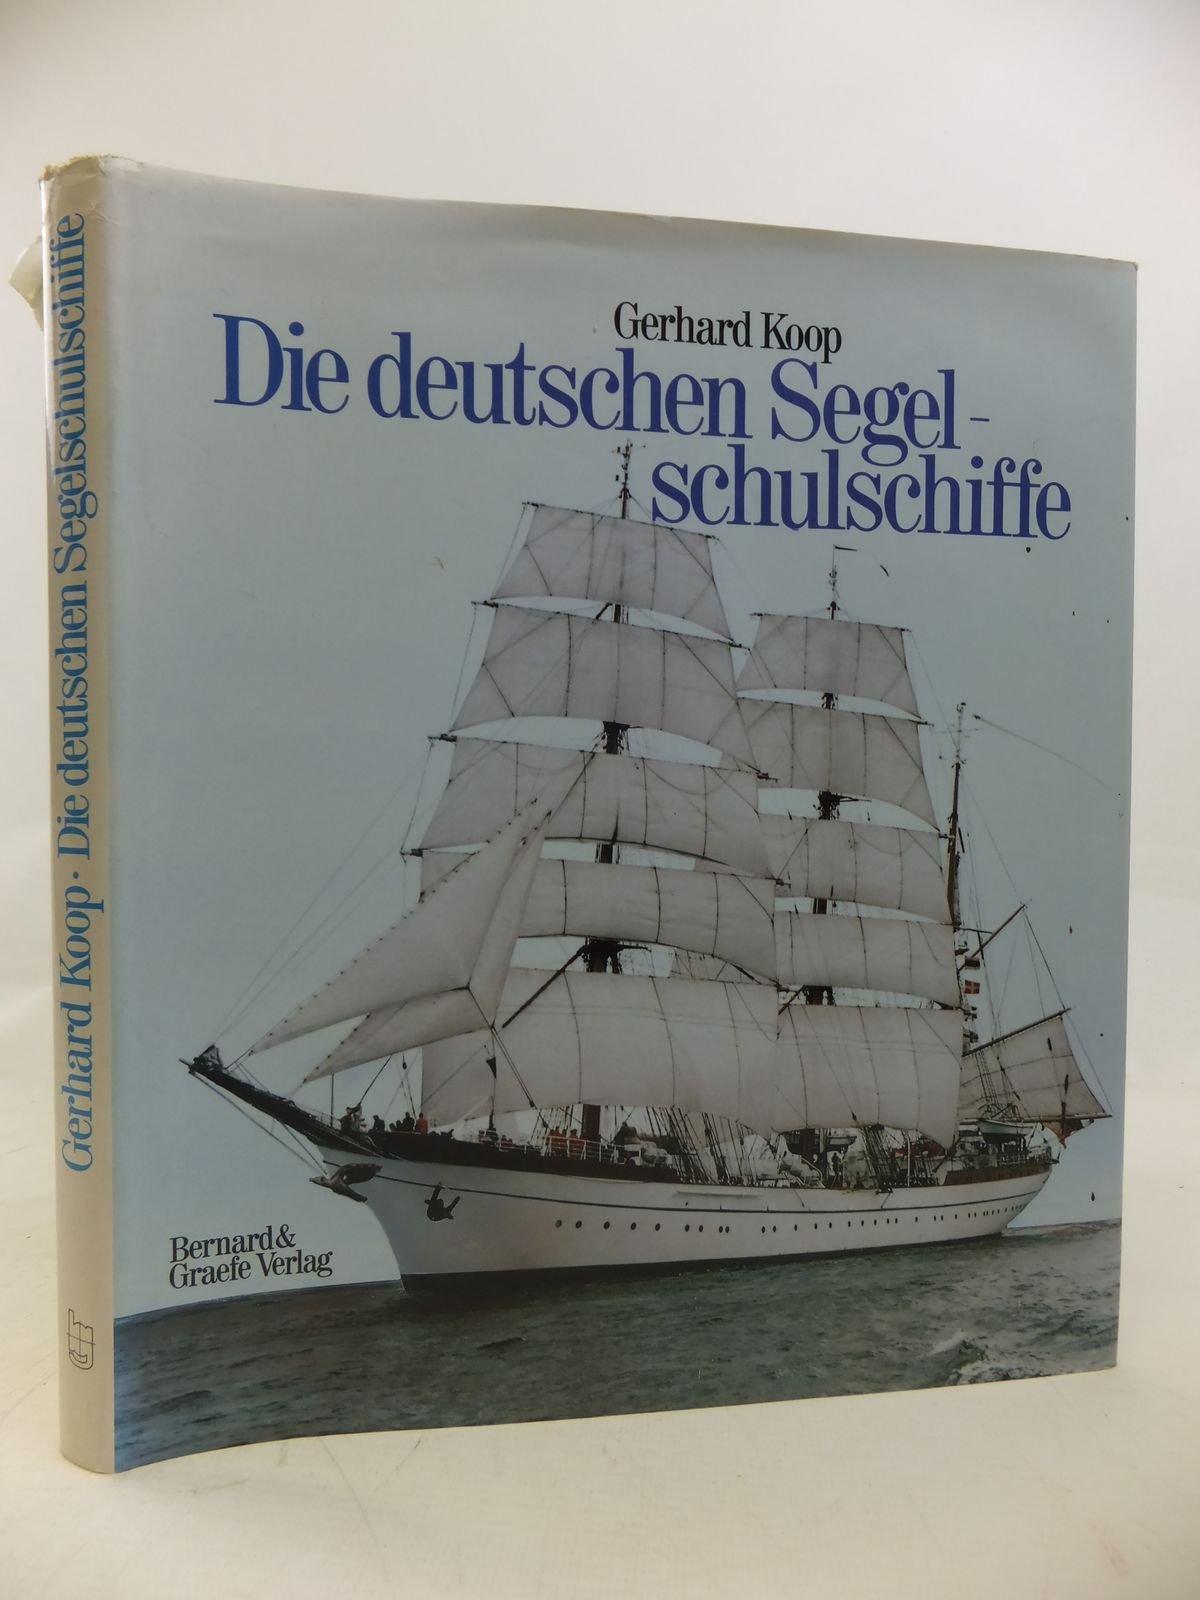 Die deutschen Segelschulschiffe